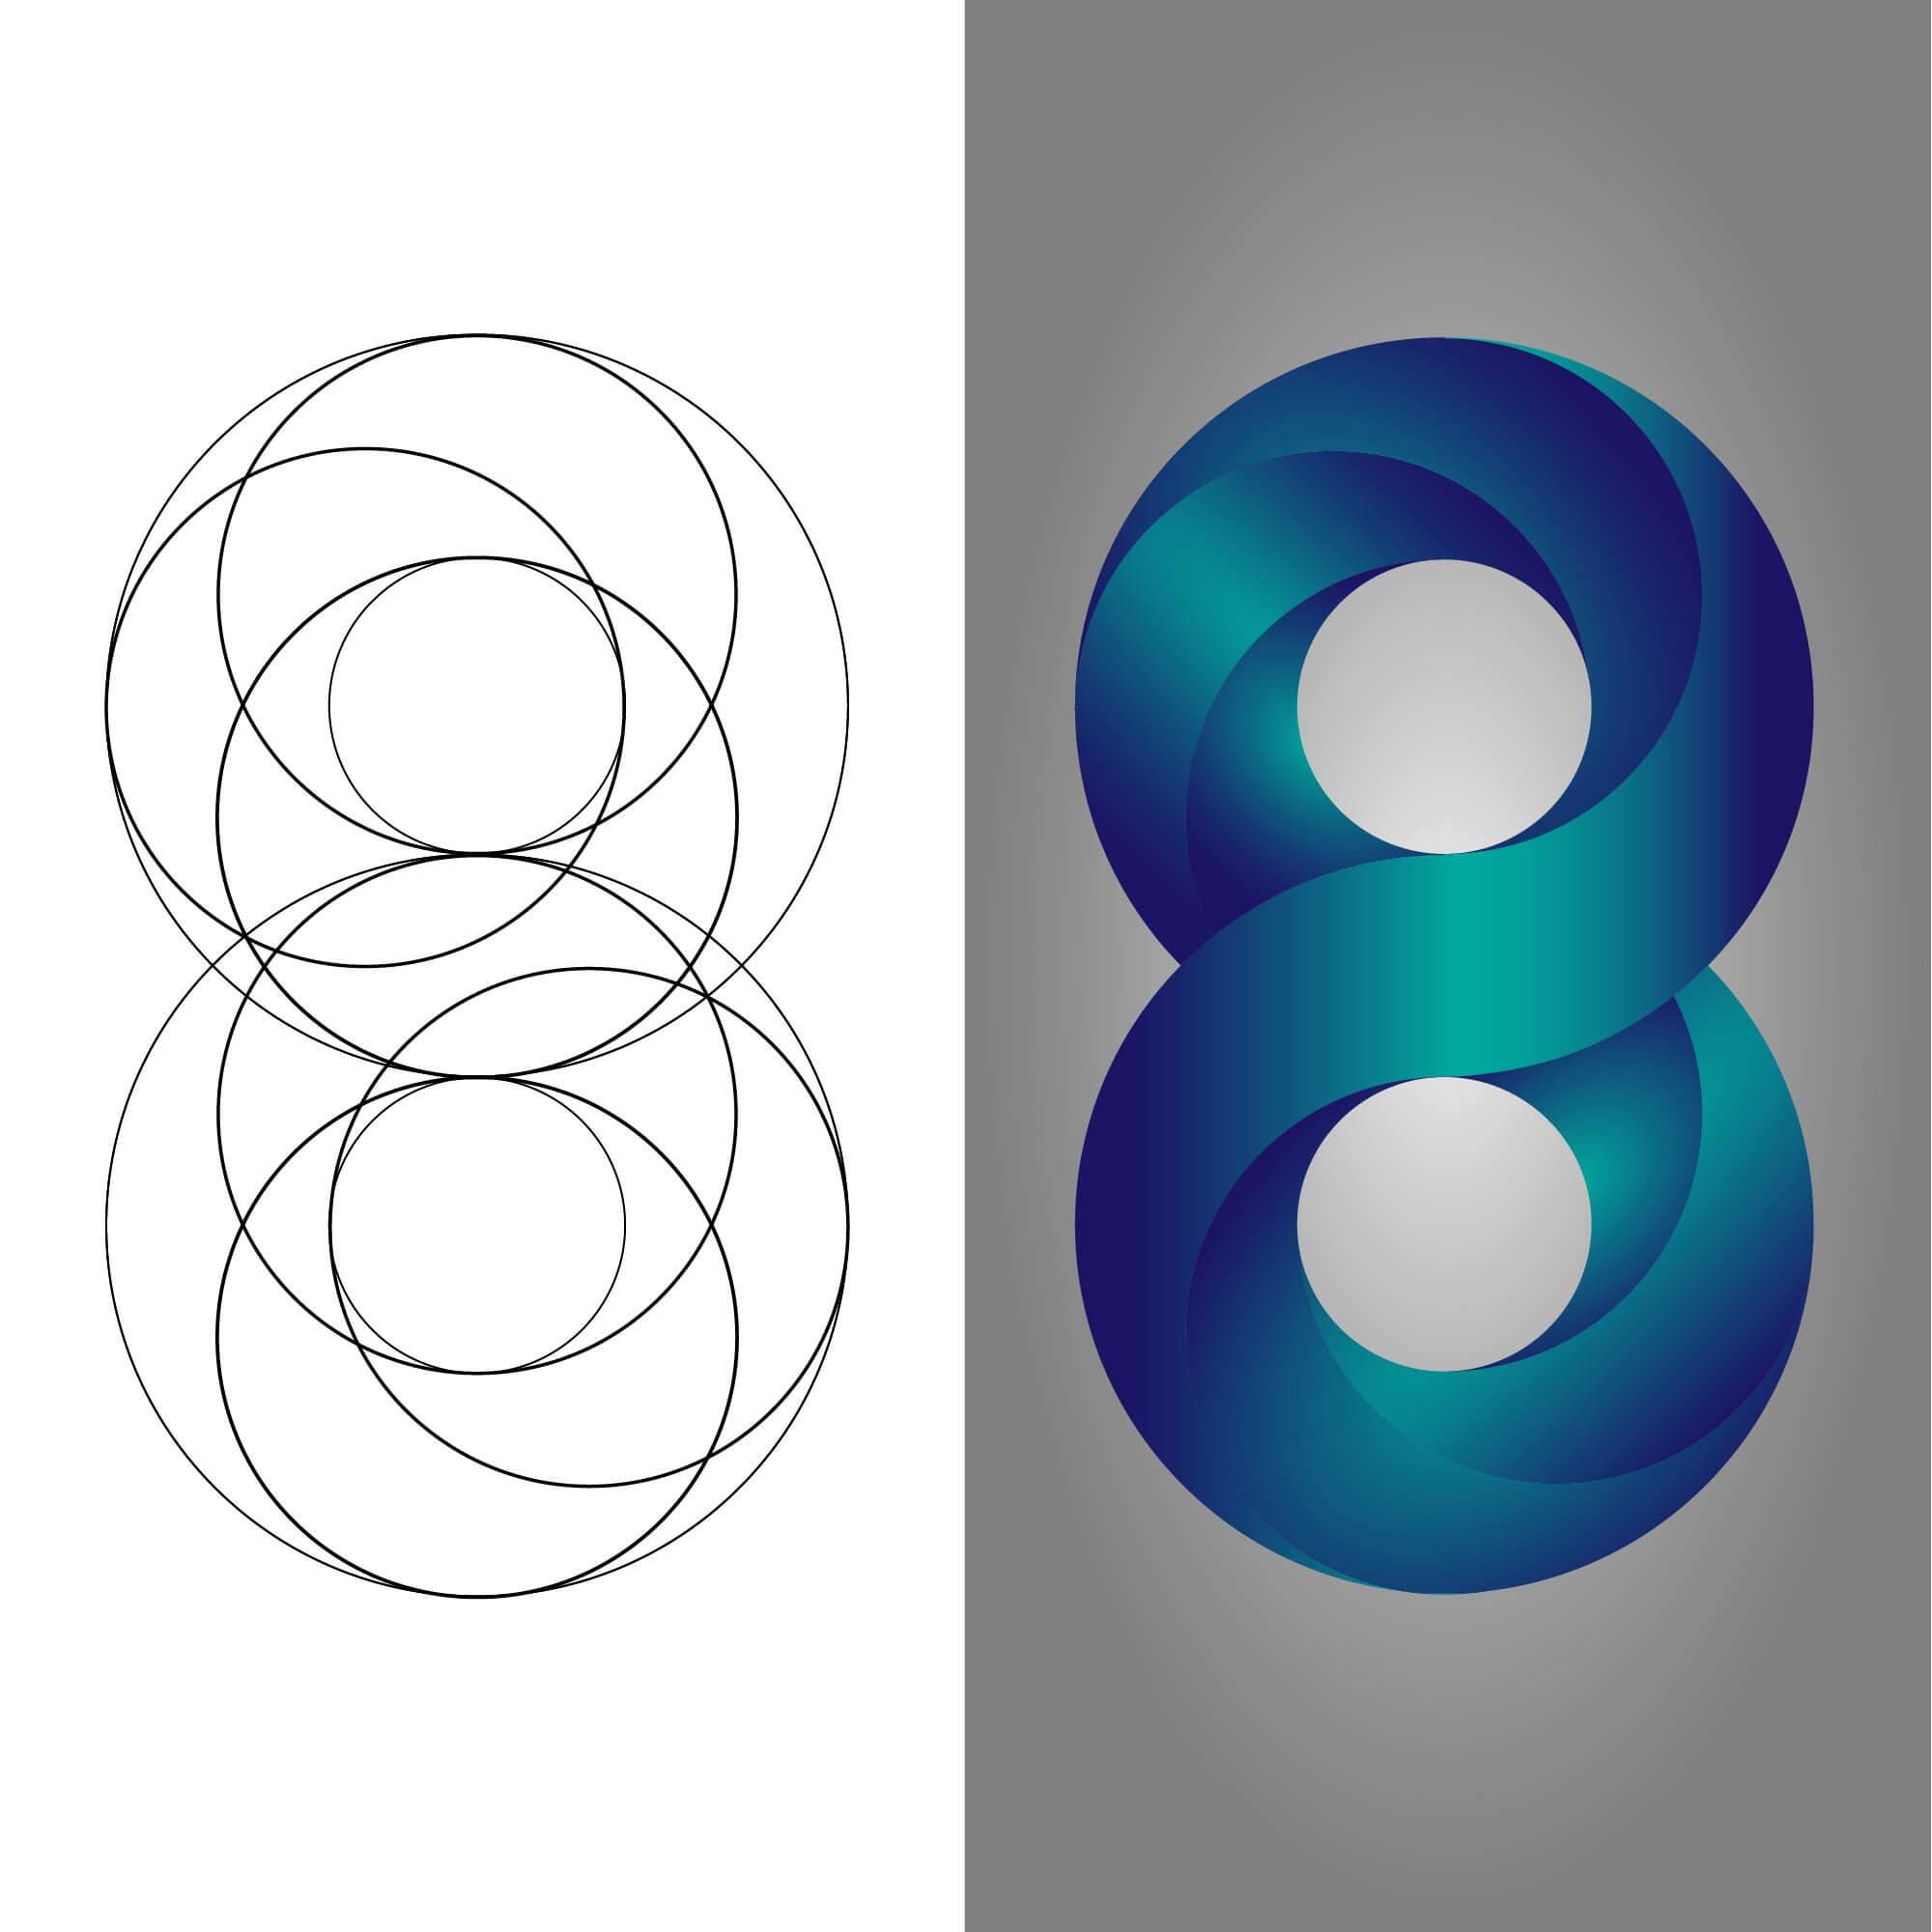 nyolcast formázó, térbelinek ható logó